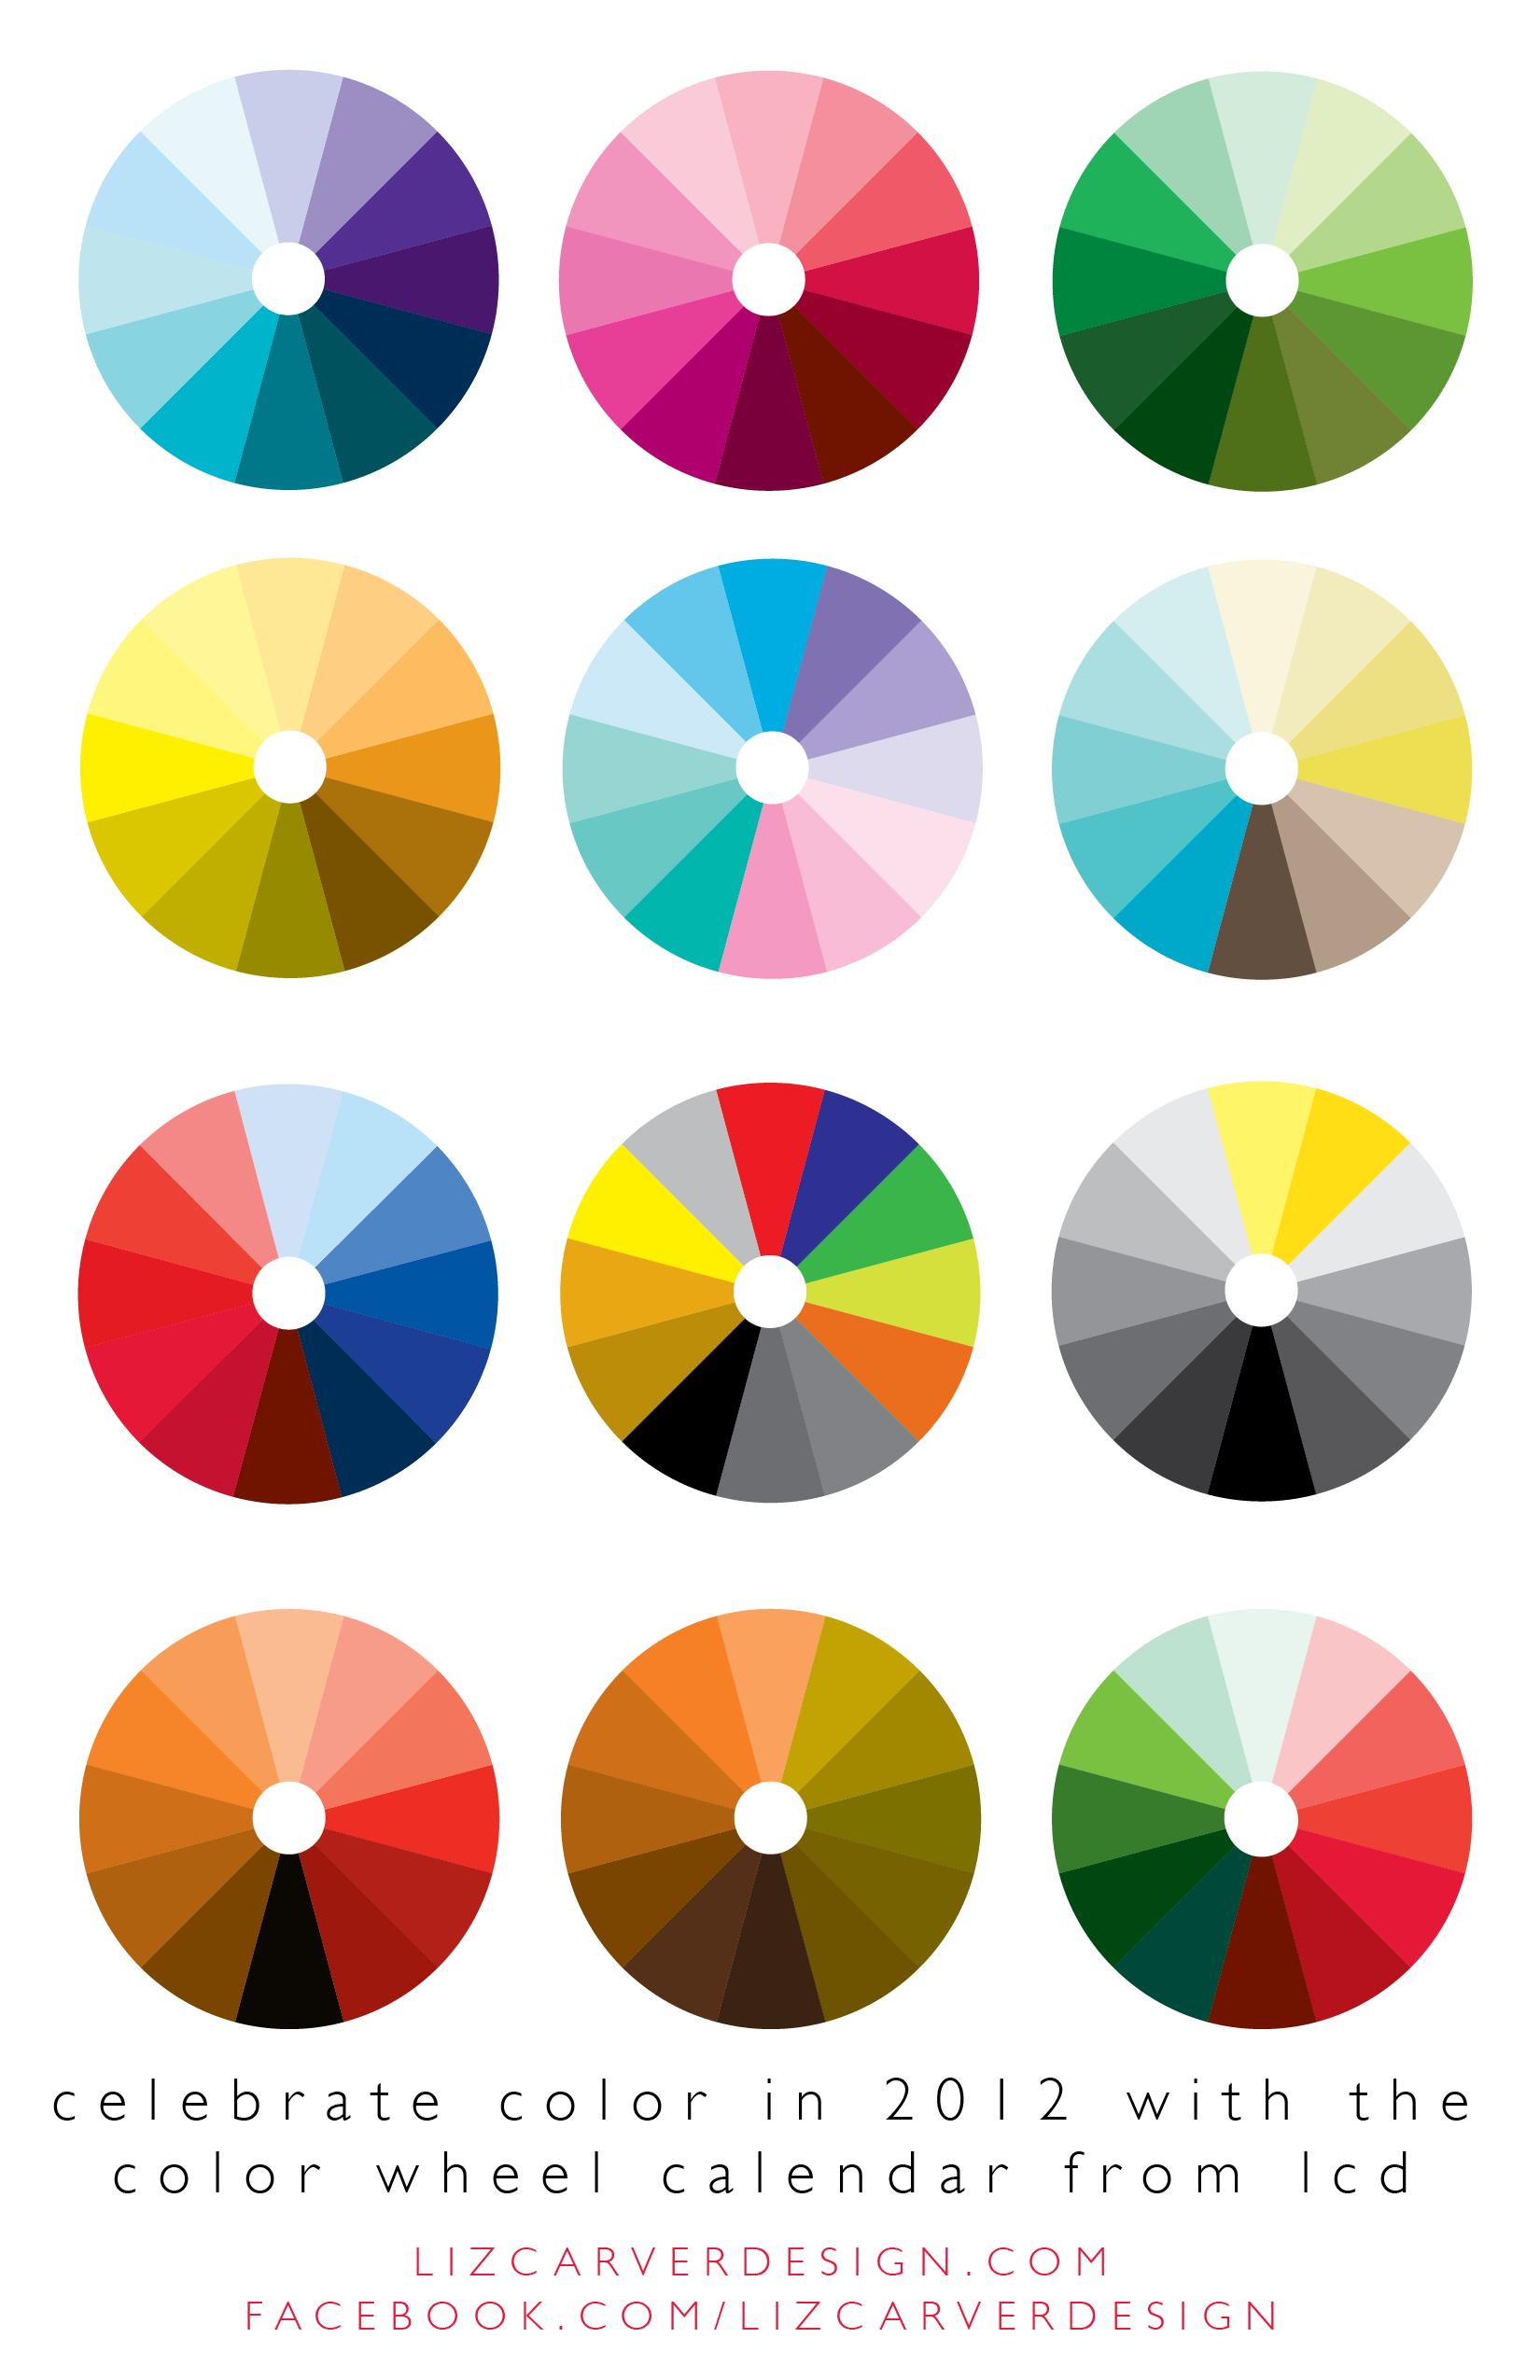 Color wheel calendar from liz carver design artsy design - Color wheel for decorating ...